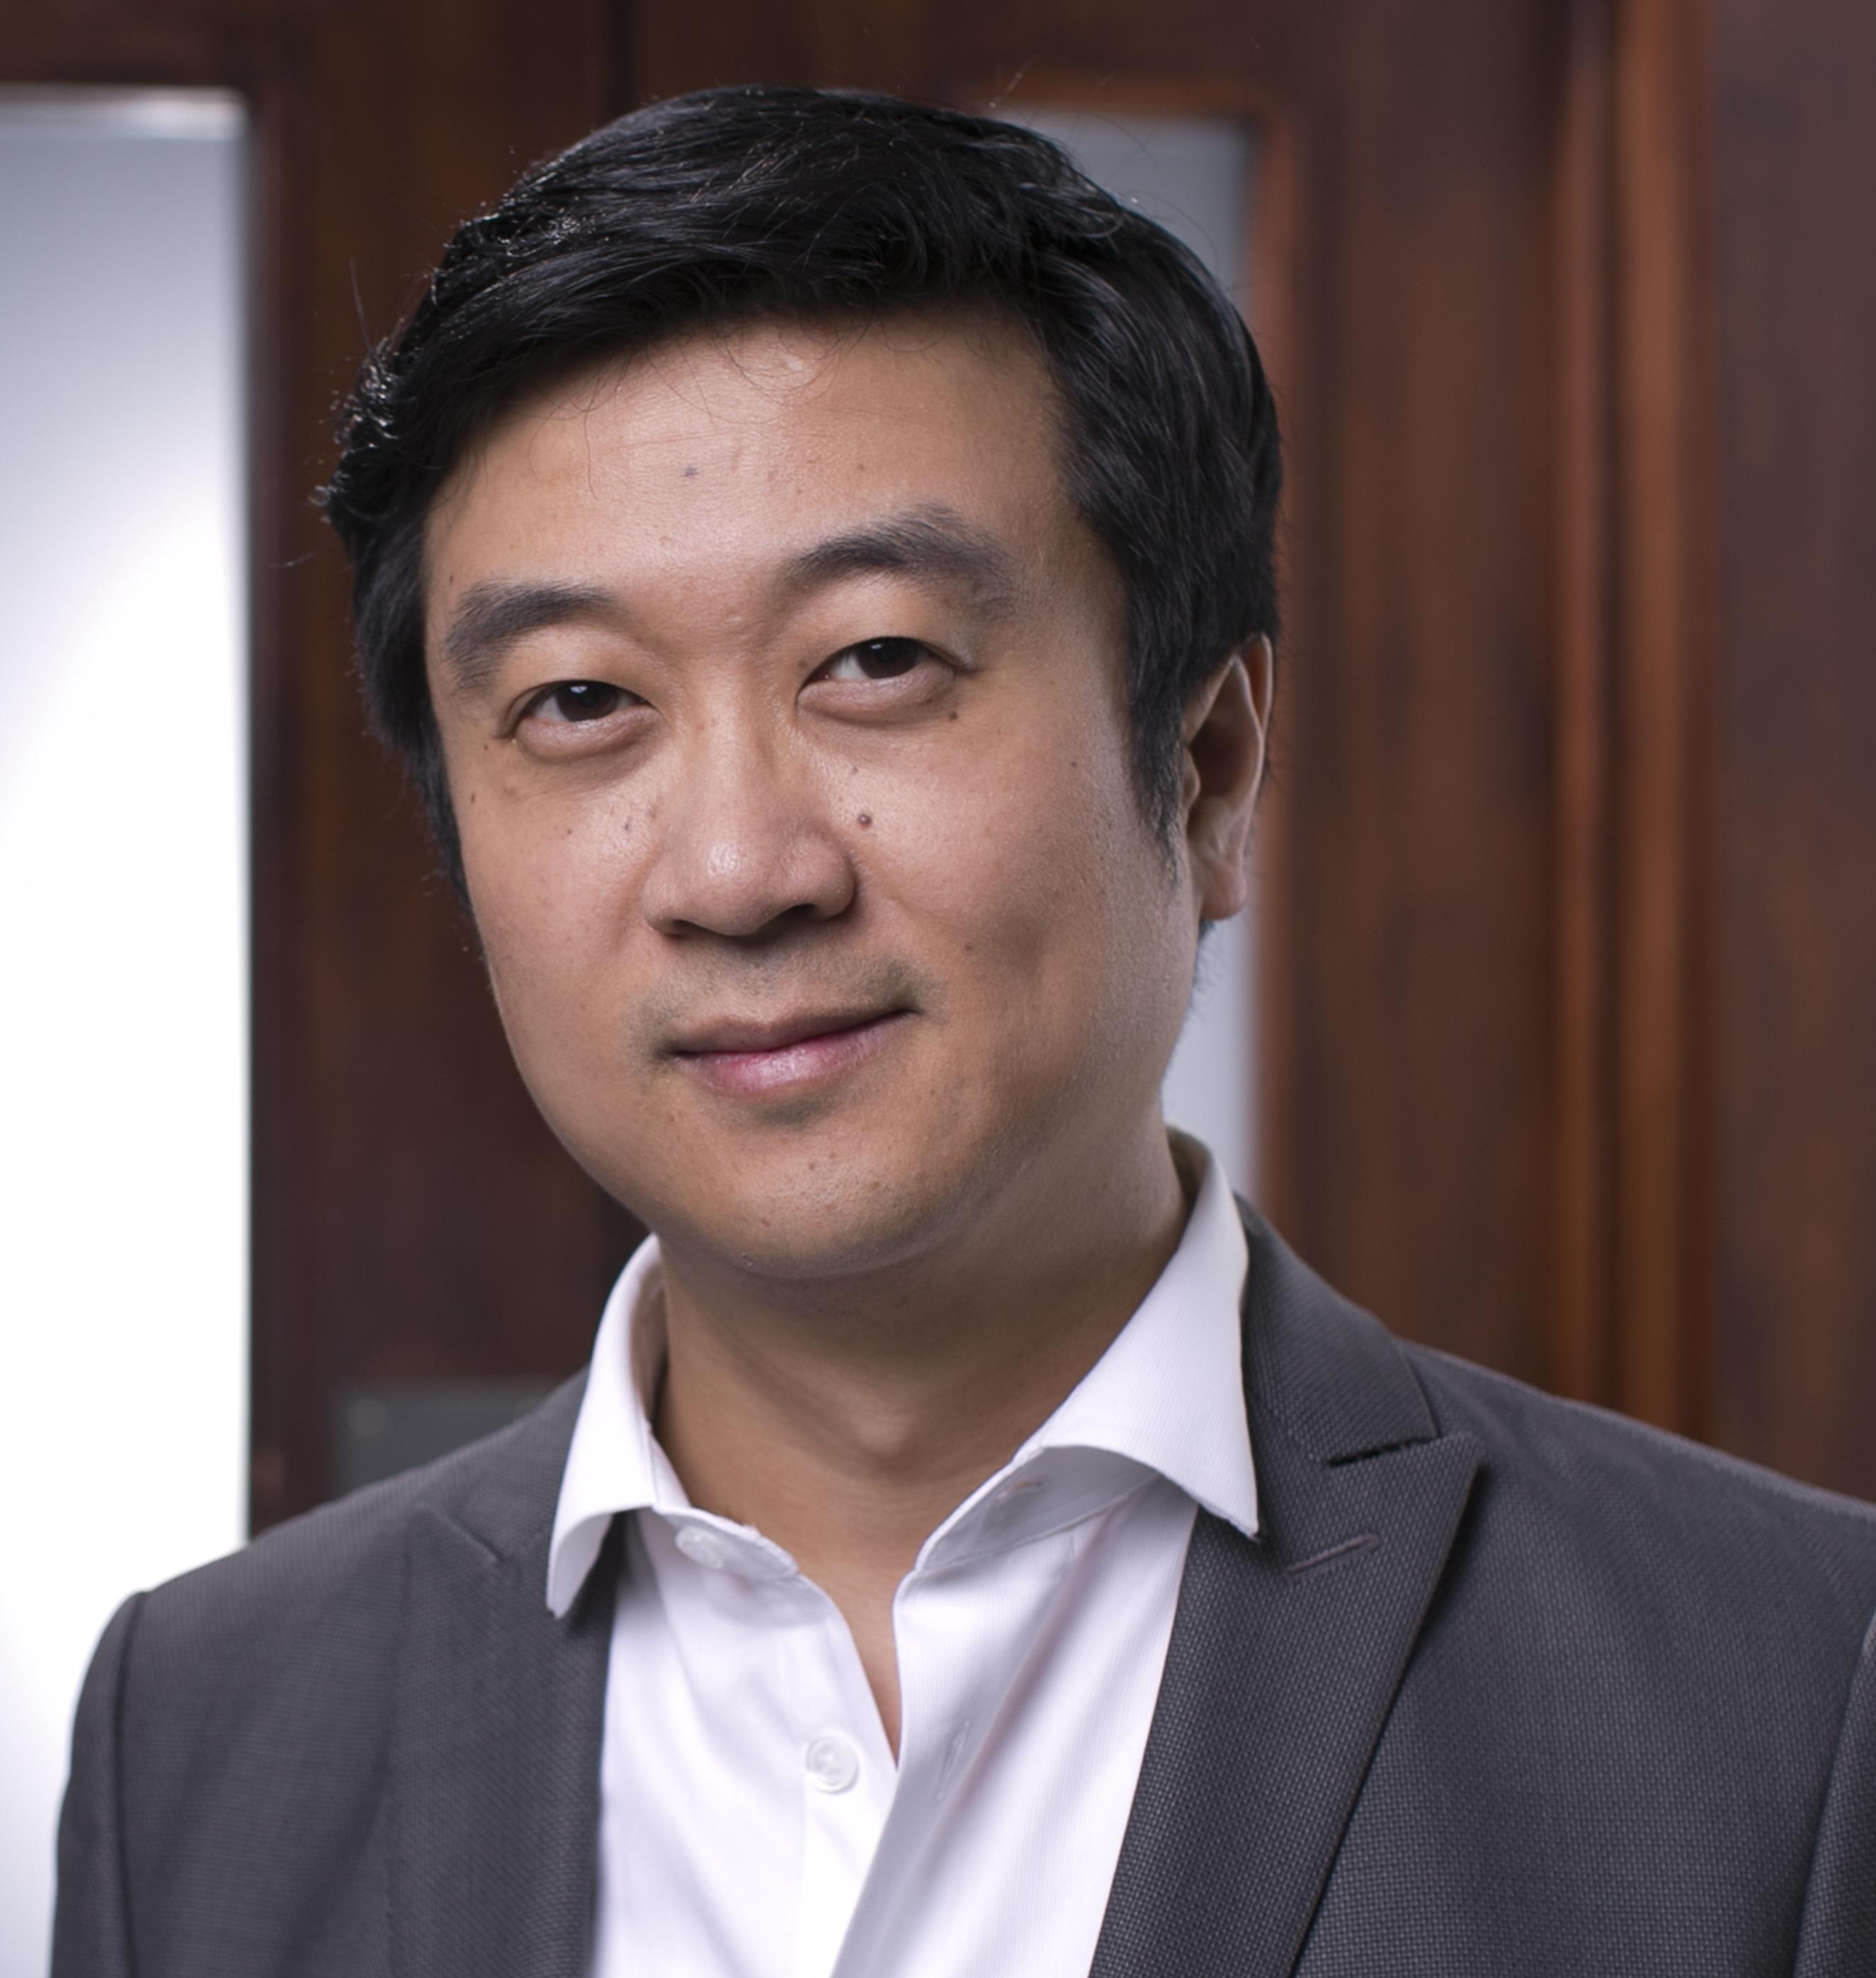 Free China - Kean Wong